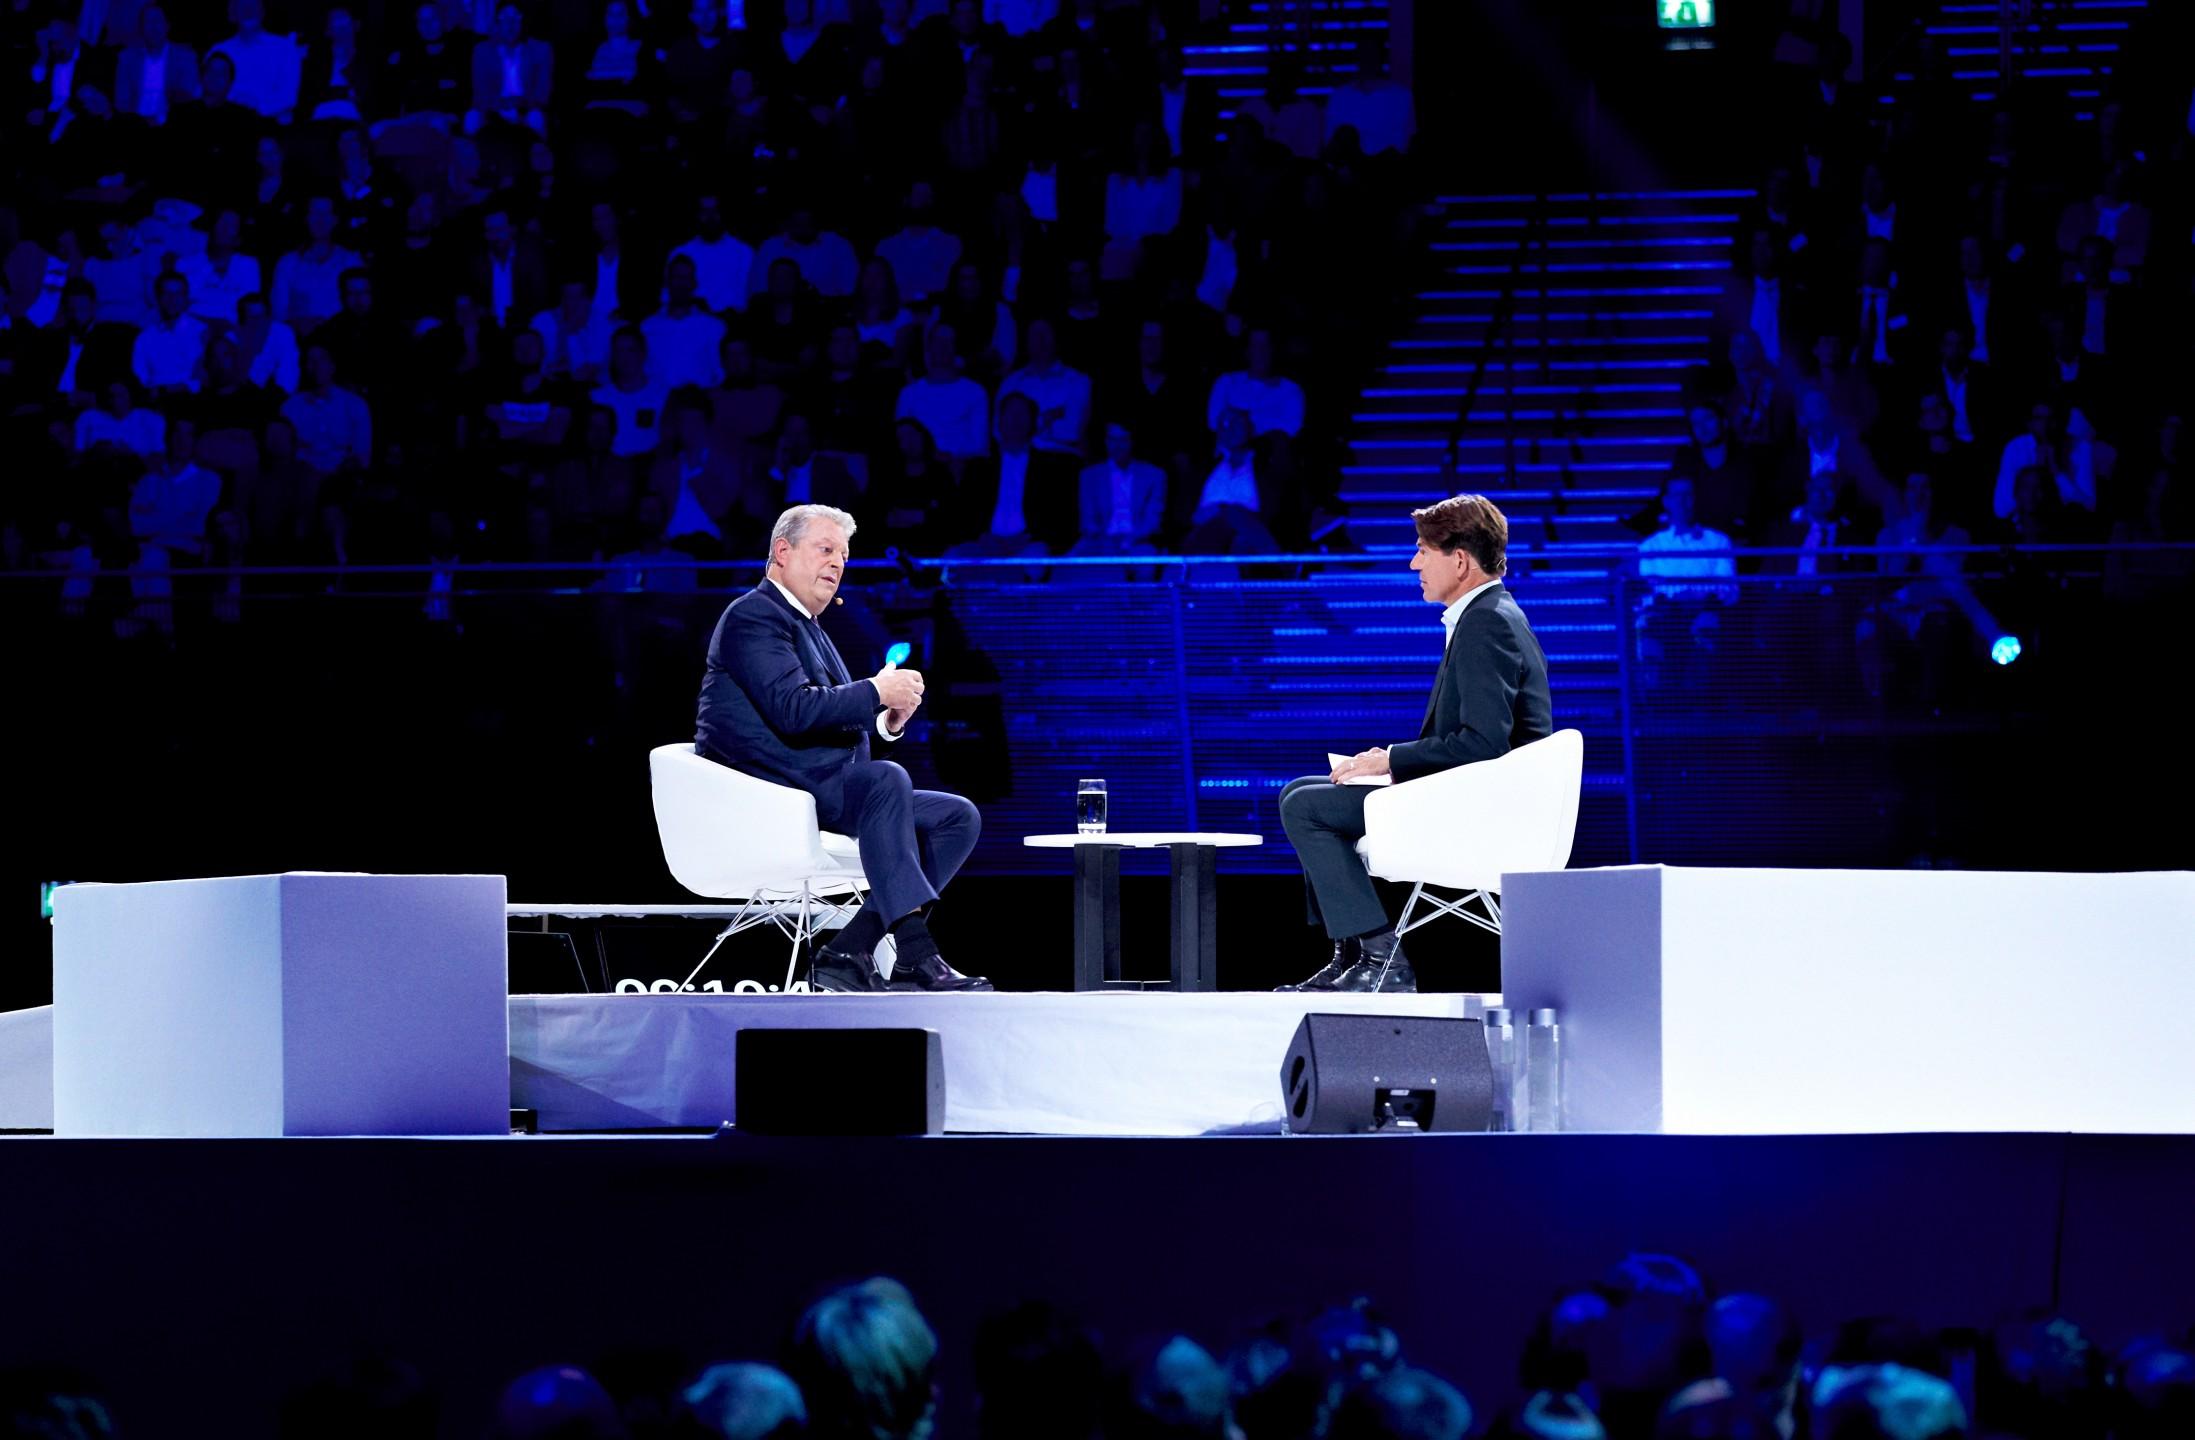 Al Gore in gesprek met Twan Huys